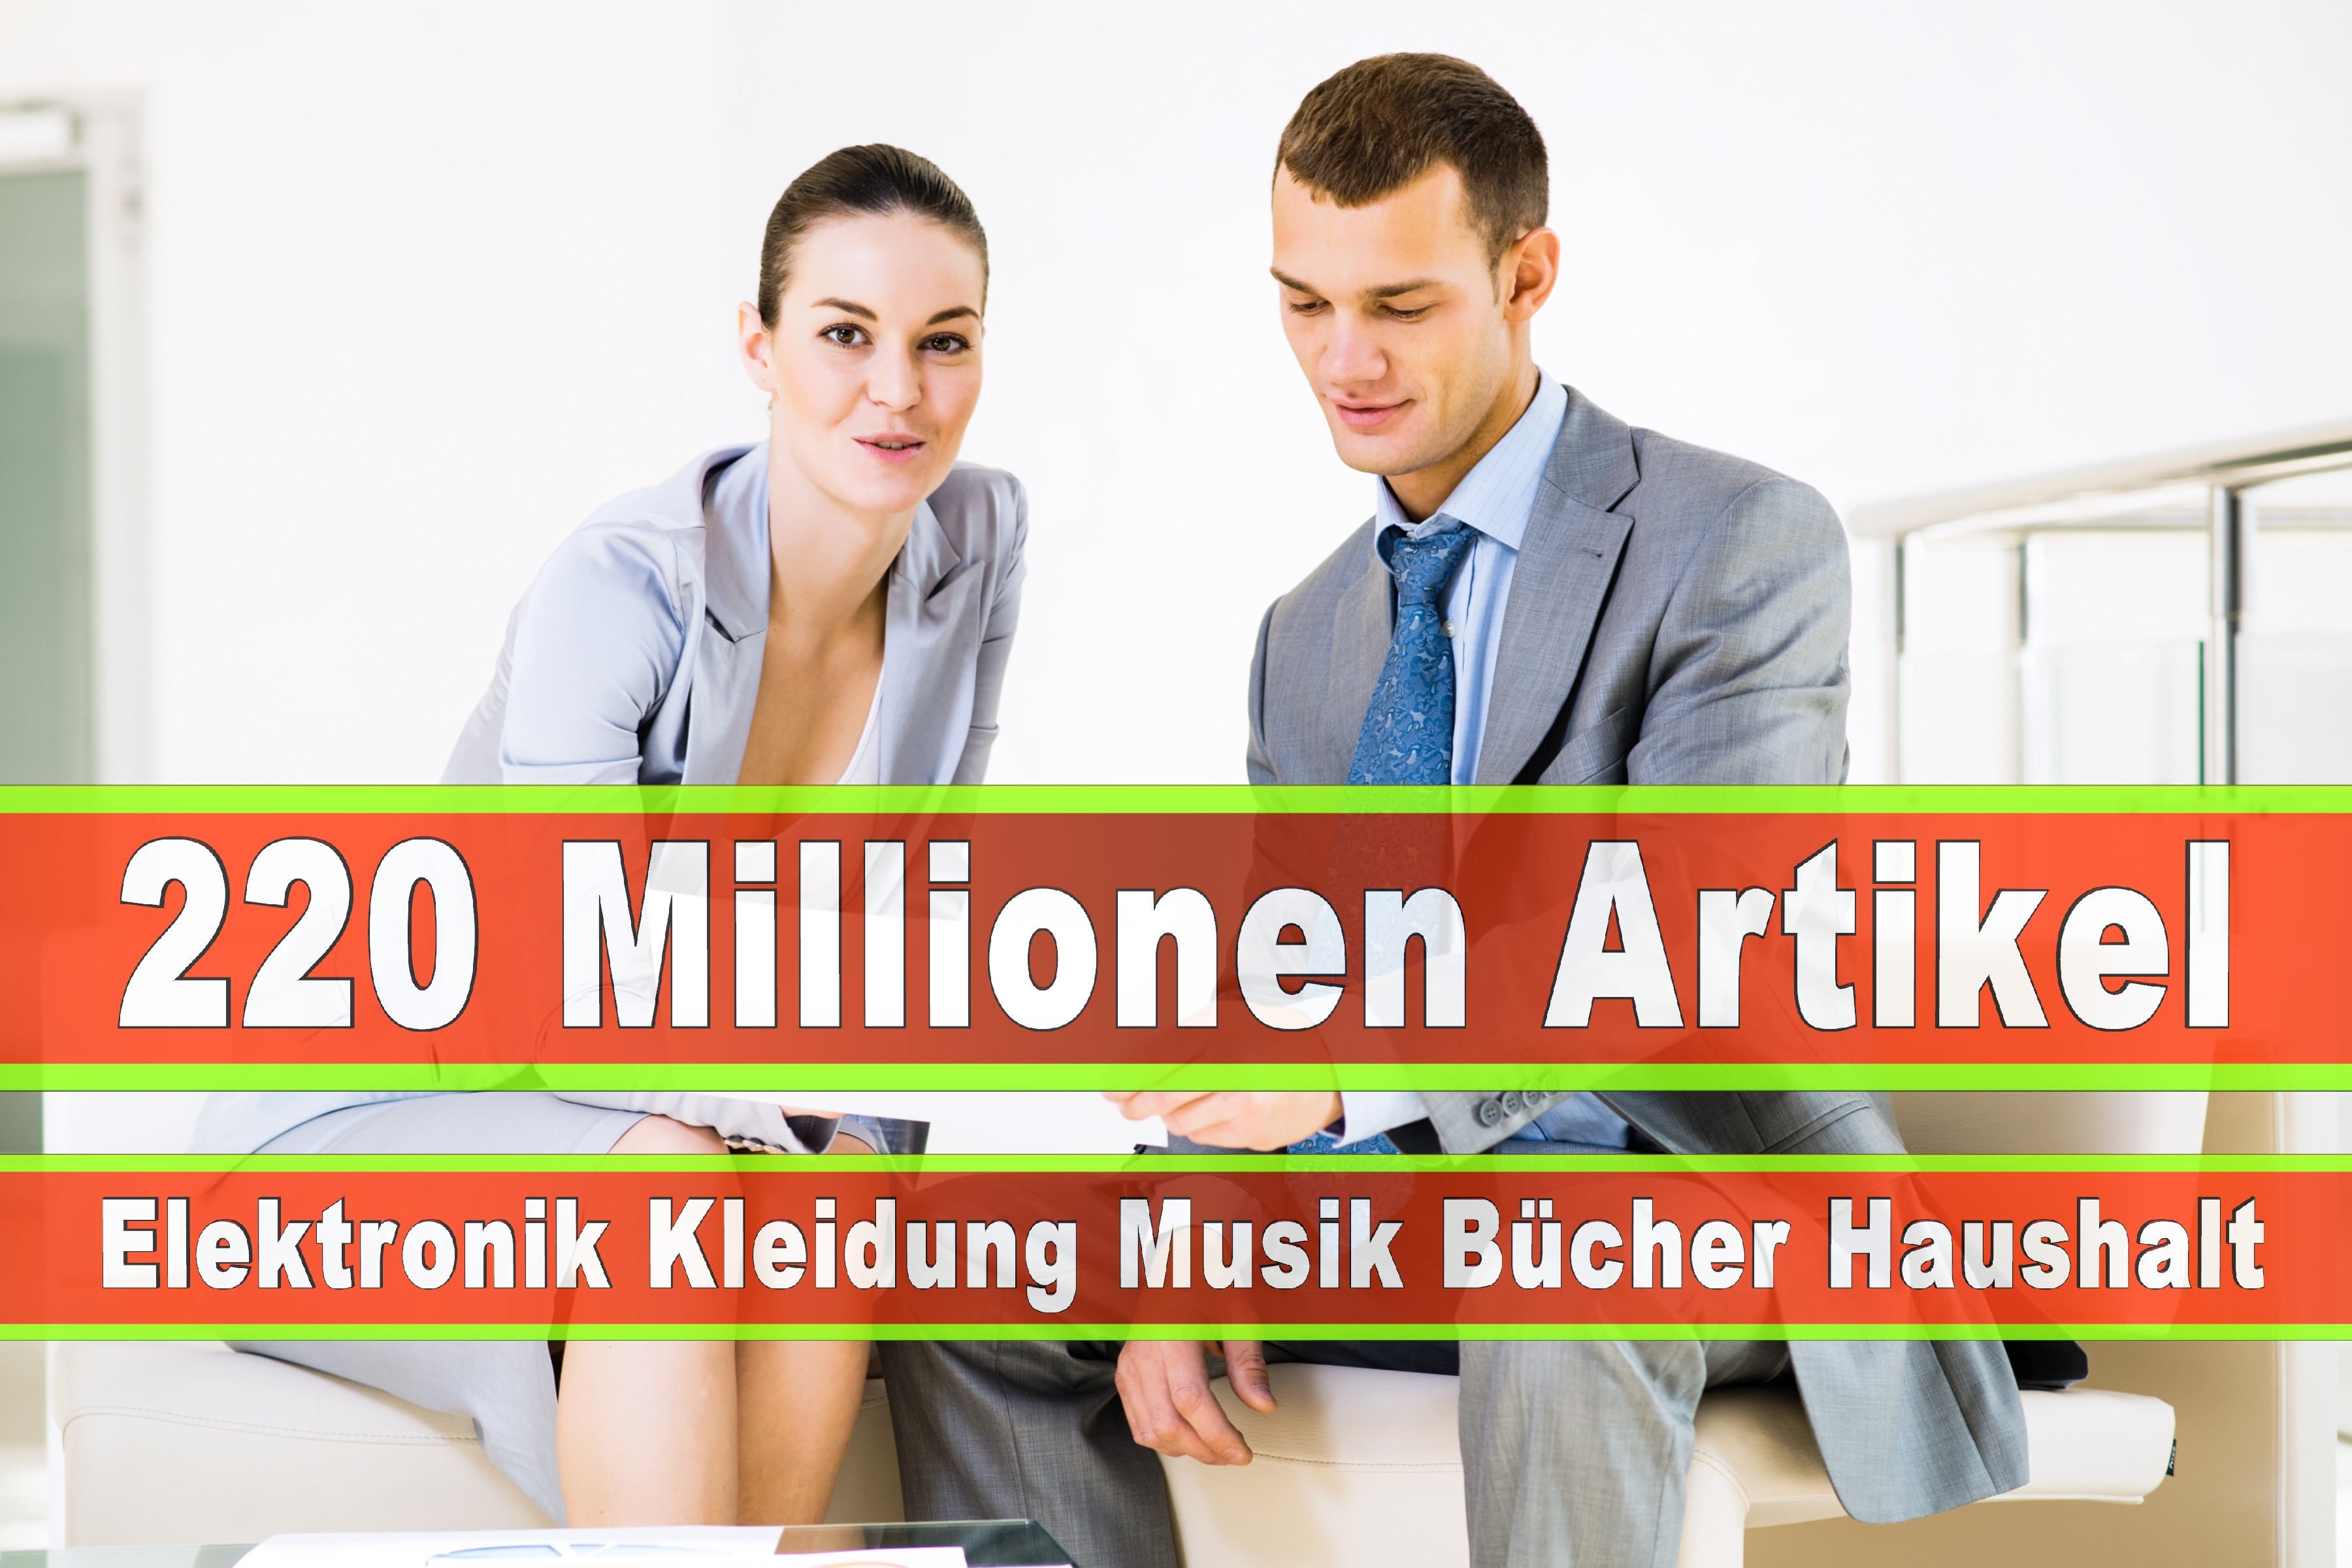 Amazon Elektronik Musik Haushalt Bücher CD DVD Handys Smartphones TV Television Fernseher Kleidung Mode Ebay Versandhaus (140)